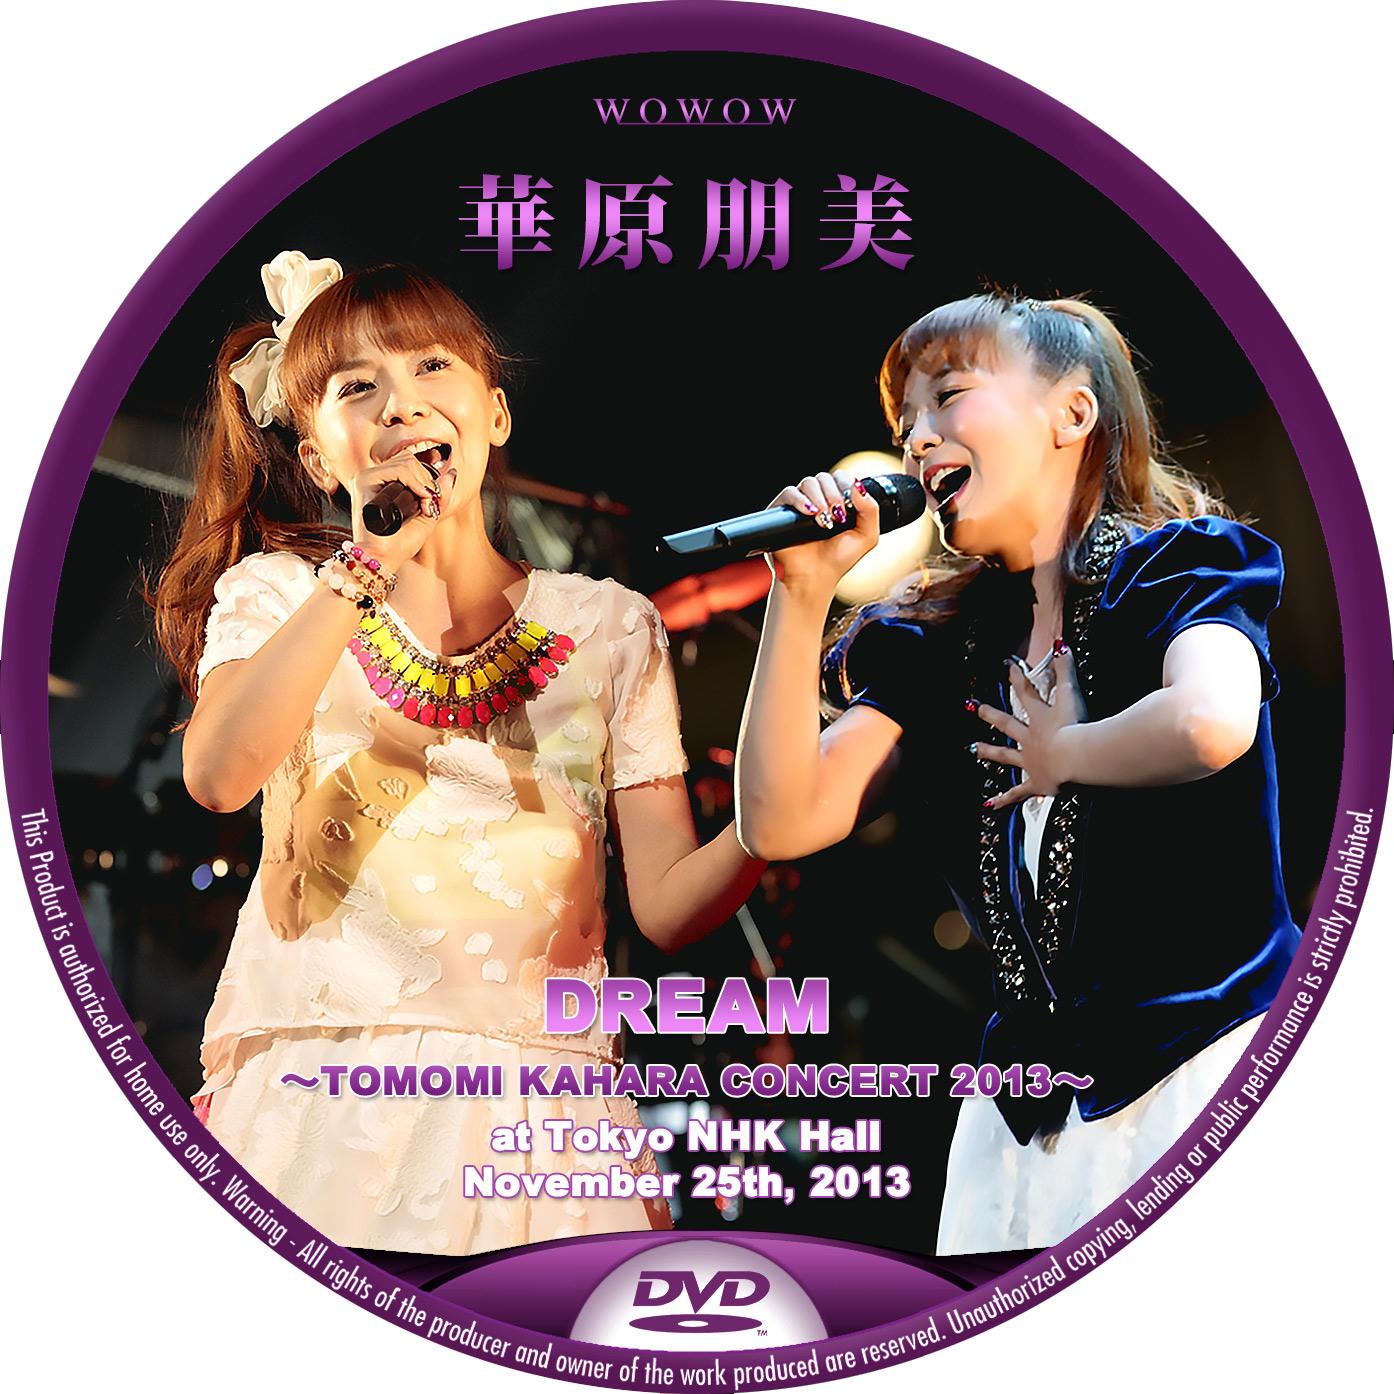 華原朋美 WOWOW DVDラベル